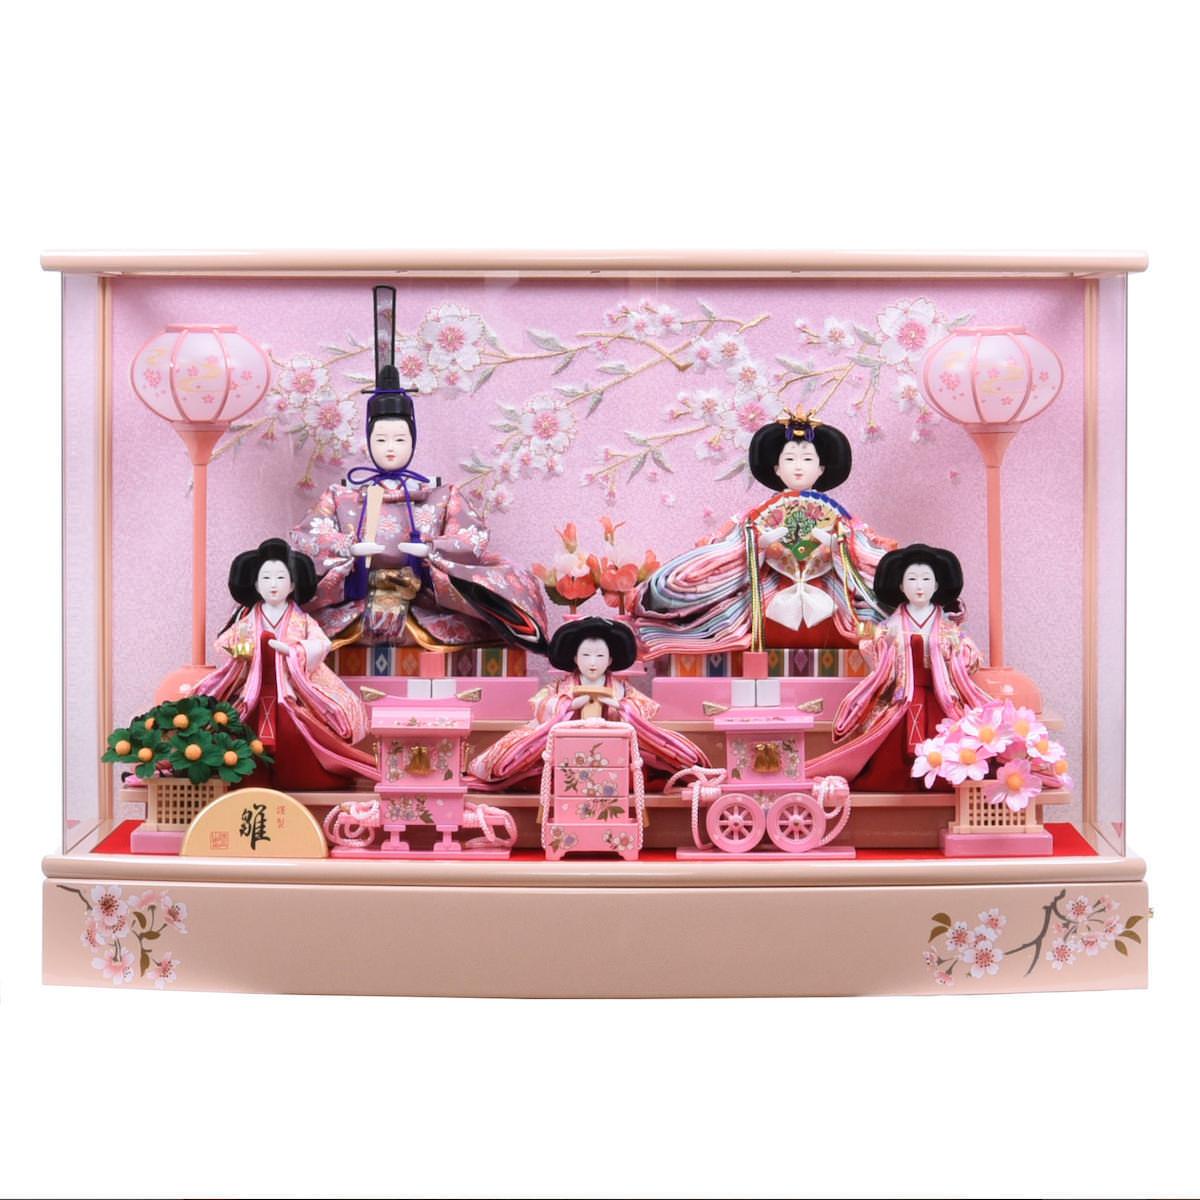 雛人形 芥子 アクリルケース入五人飾り 狭山清玉 送料無料